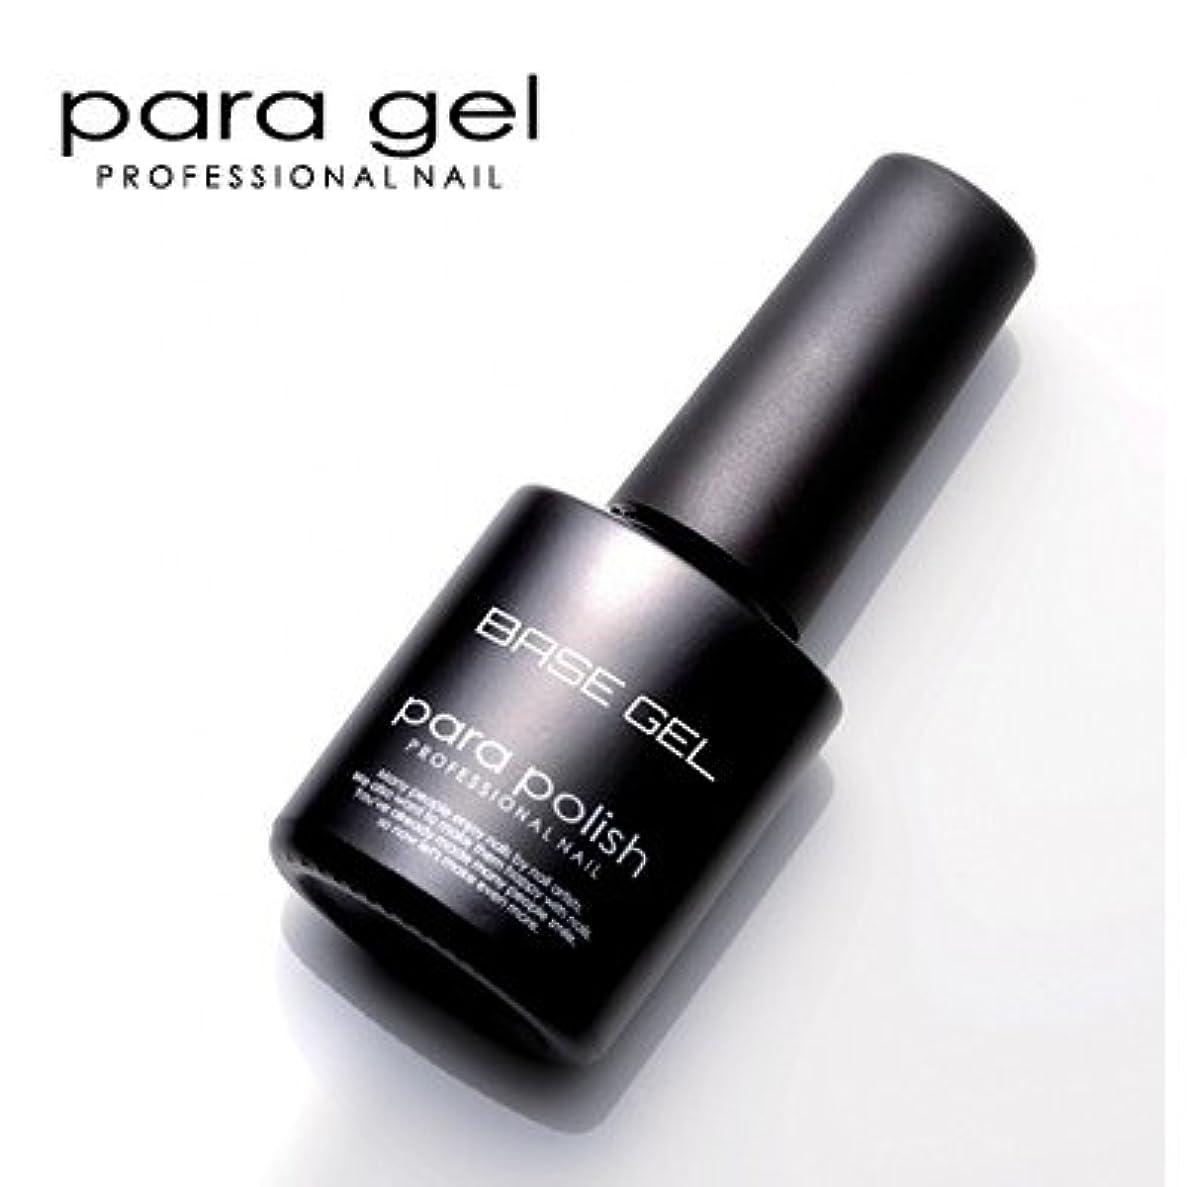 強風幻滅約パラジェル para polish(パラポリッシュ) ベースジェル 7g